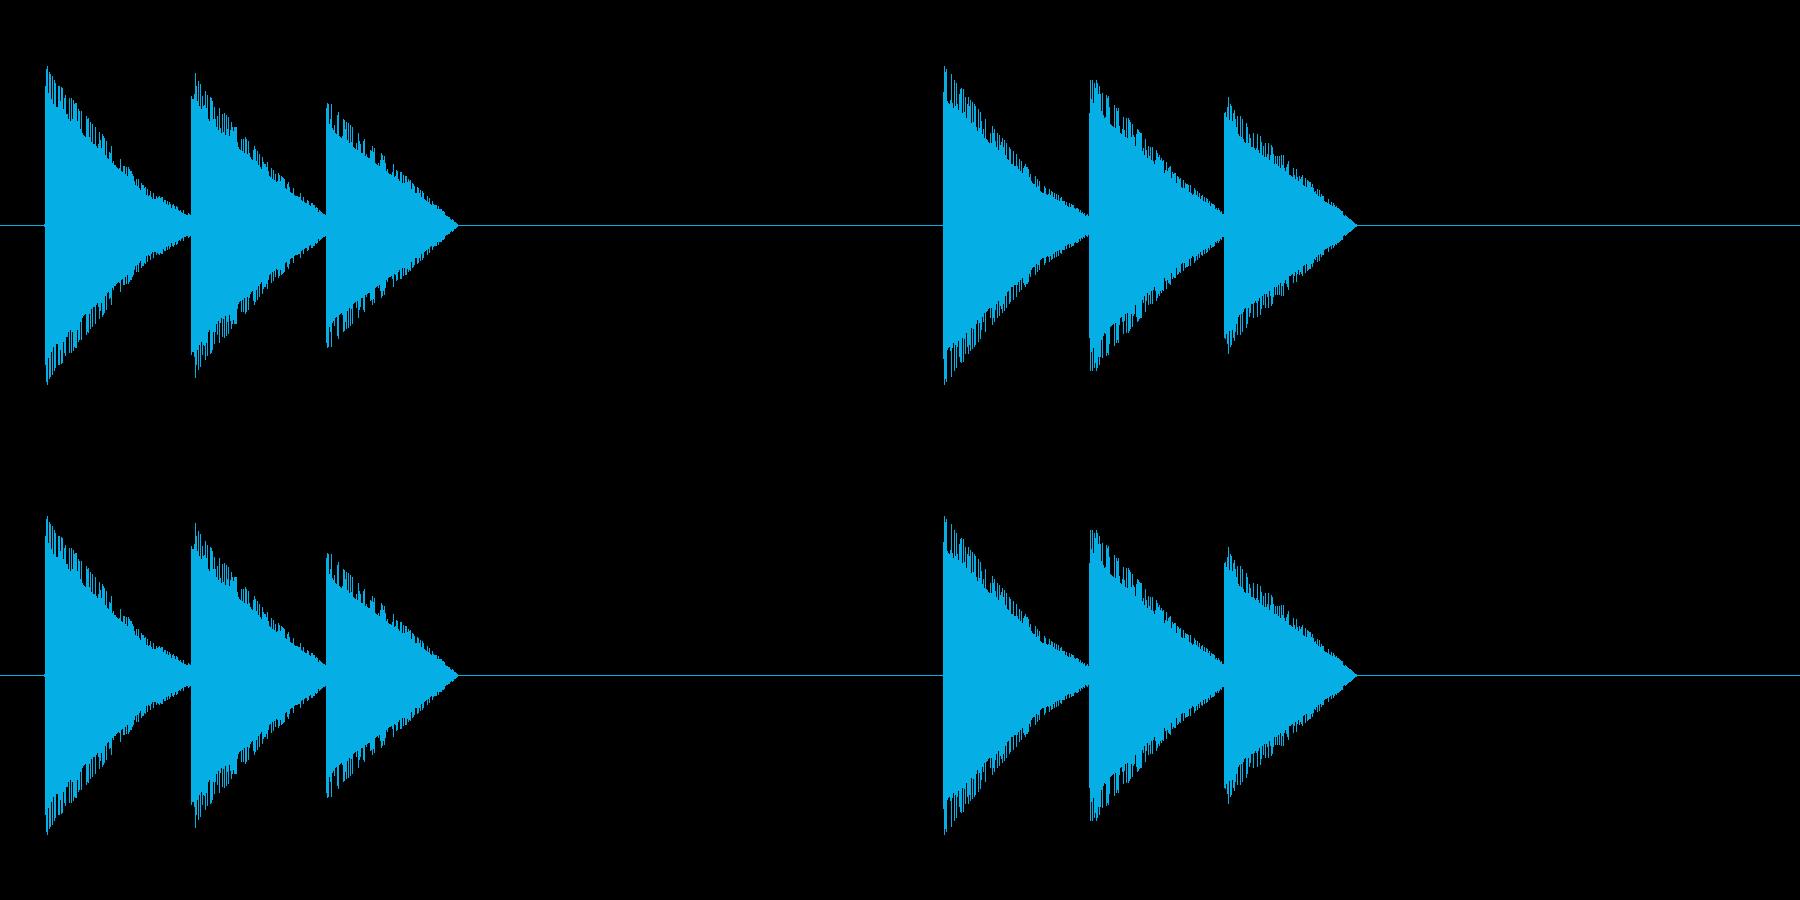 レトロゲーム風・馬の蹄・ループ再生の再生済みの波形